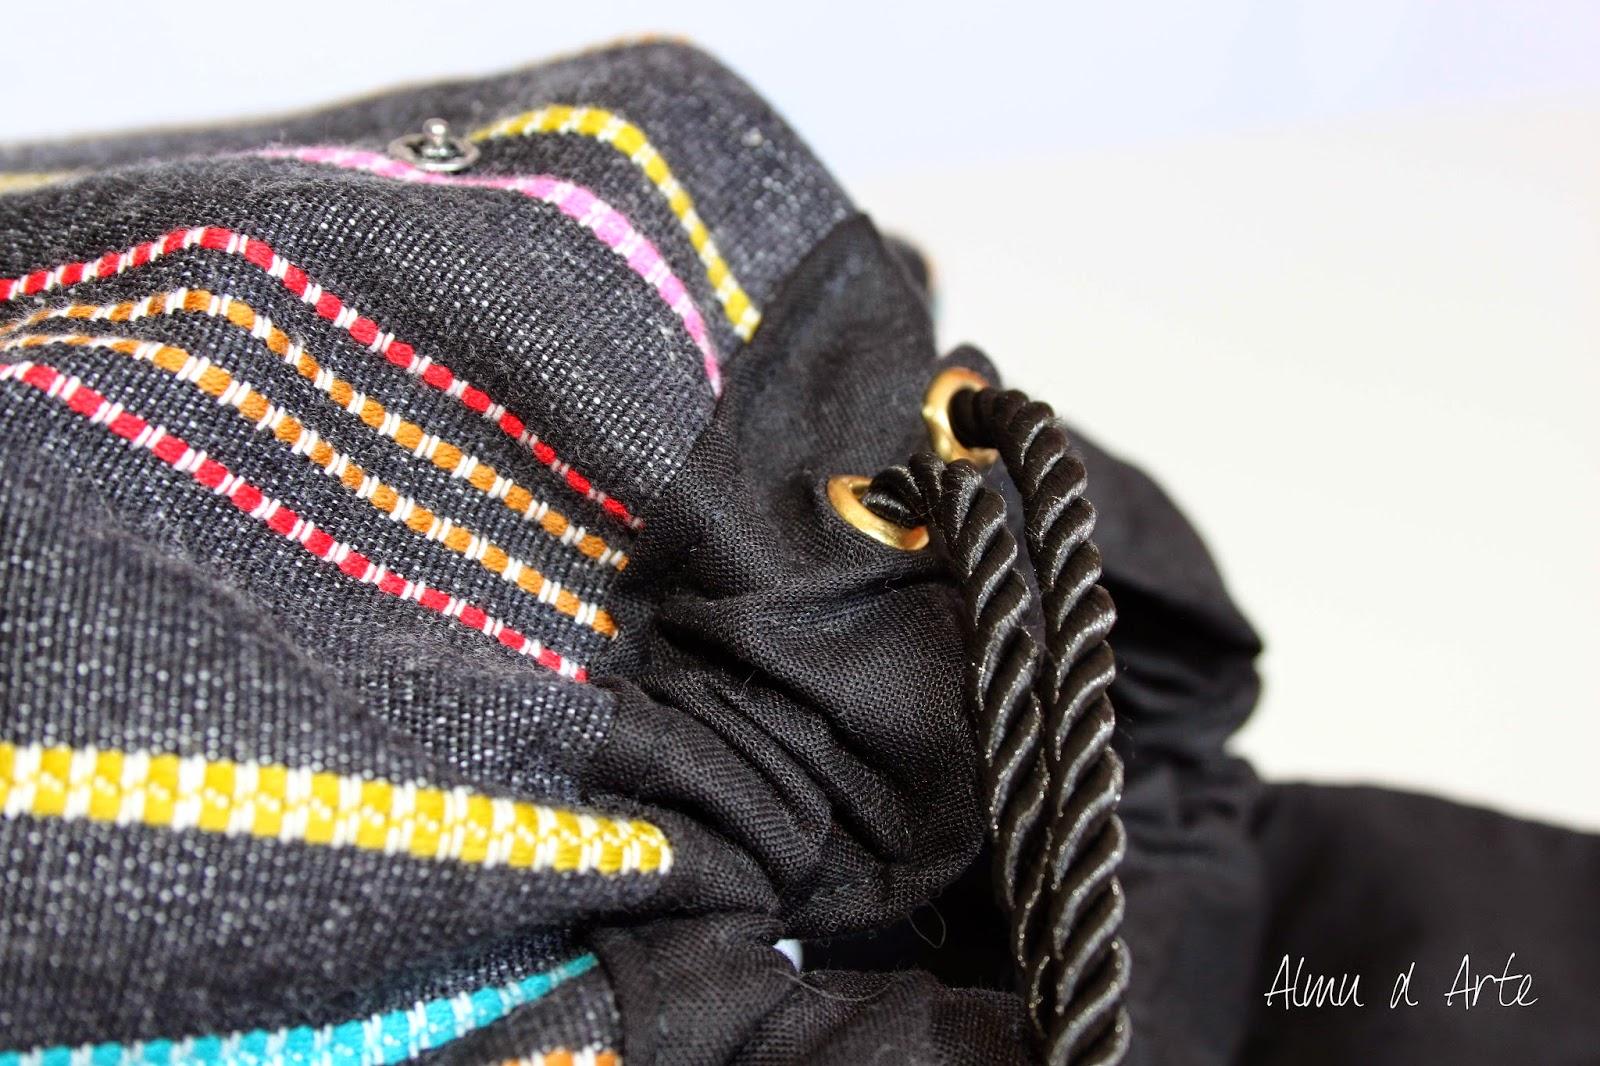 Mochila de tejido étnico y cierre fruncido hecha  a mano